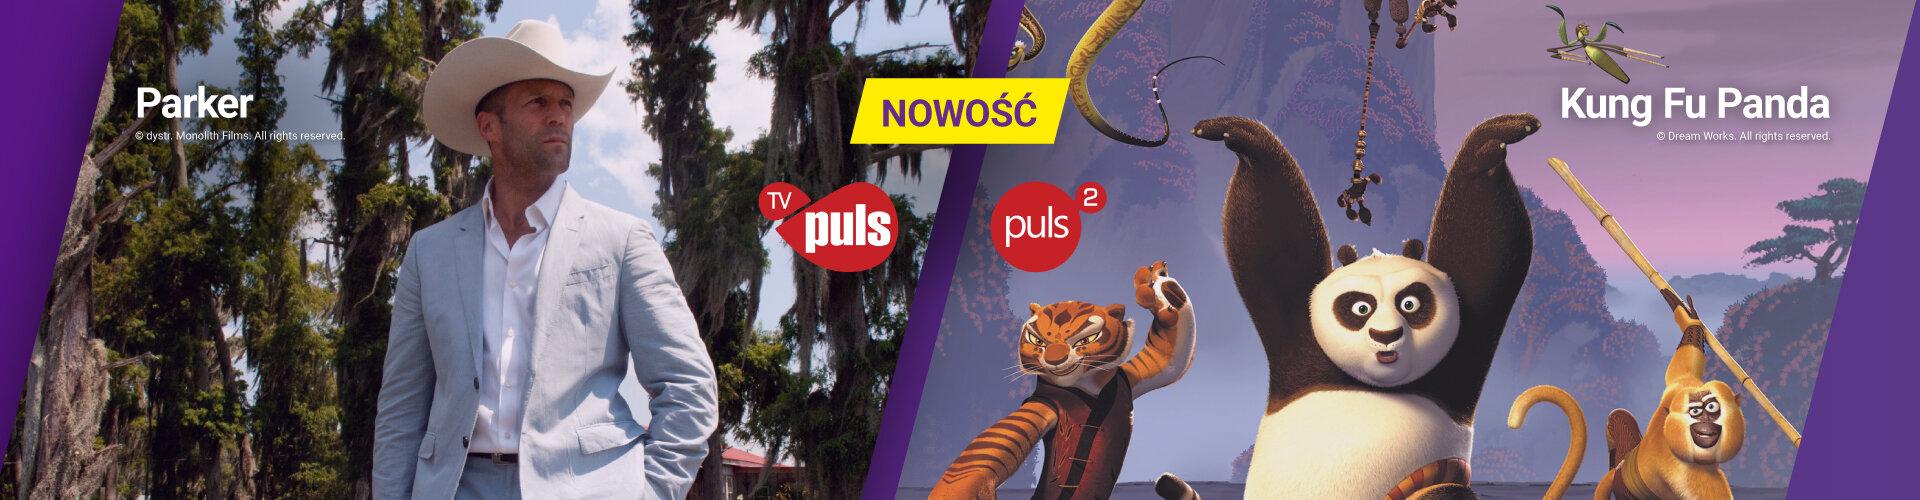 TV Puls i PULS 2 od dziś dostępne w PLAY NOW i PLAY NOW TV 1920x500.jpg